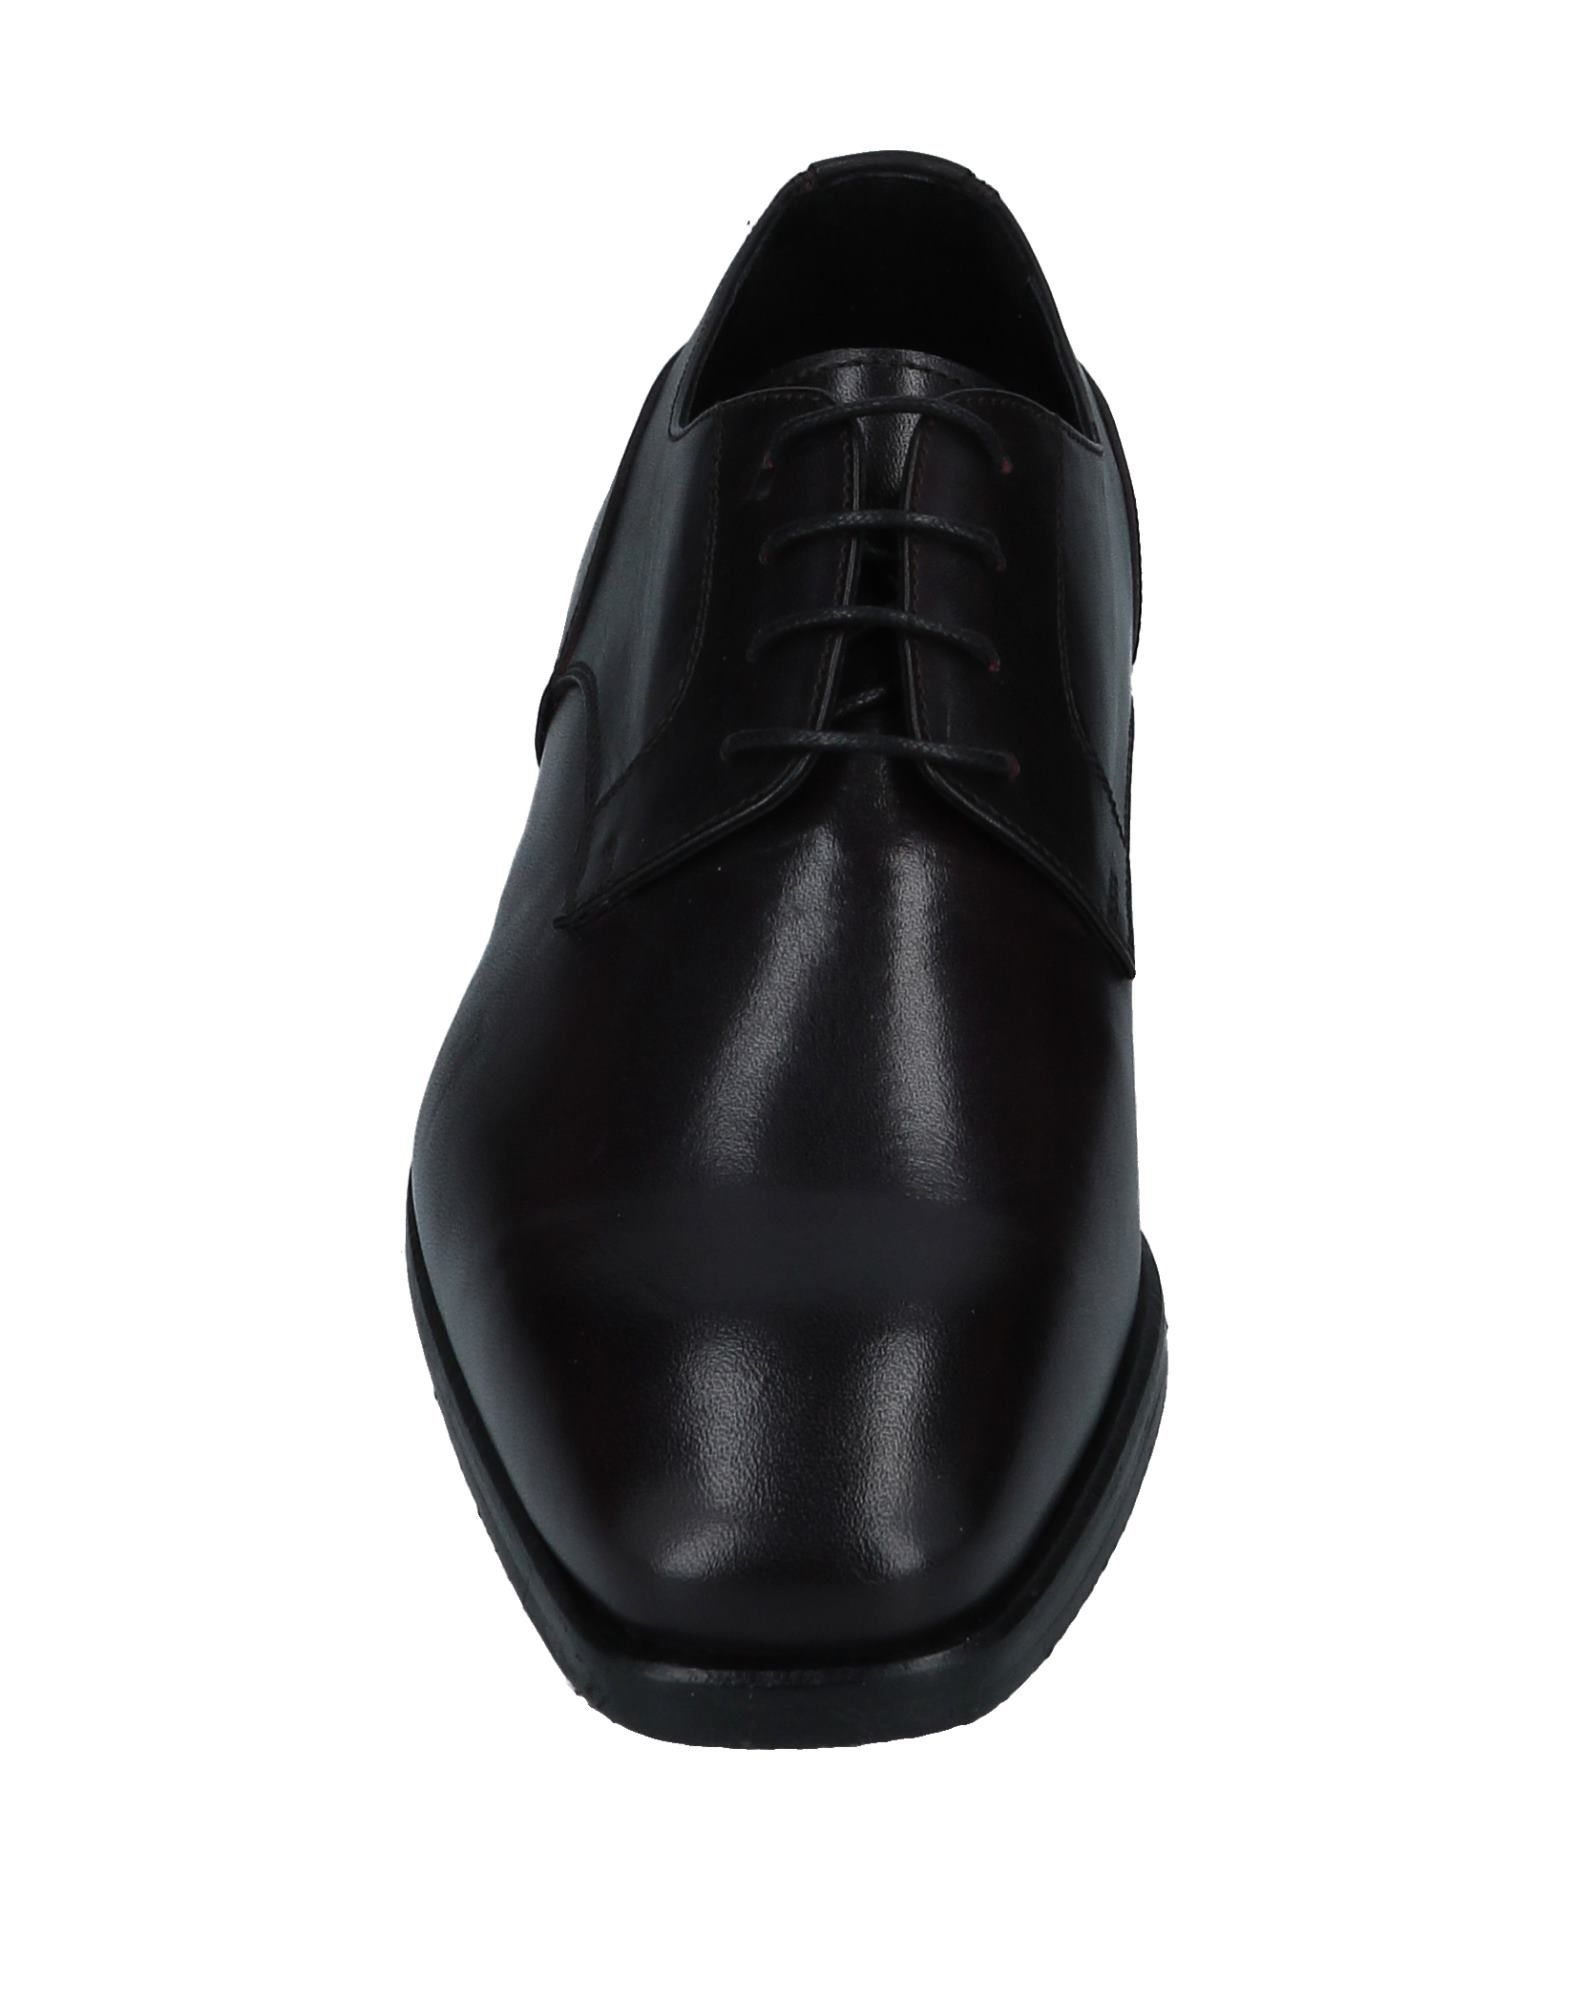 Rabatt echte Baldinini Schuhe Baldinini echte Schnürschuhe Herren  11552562QT 242566